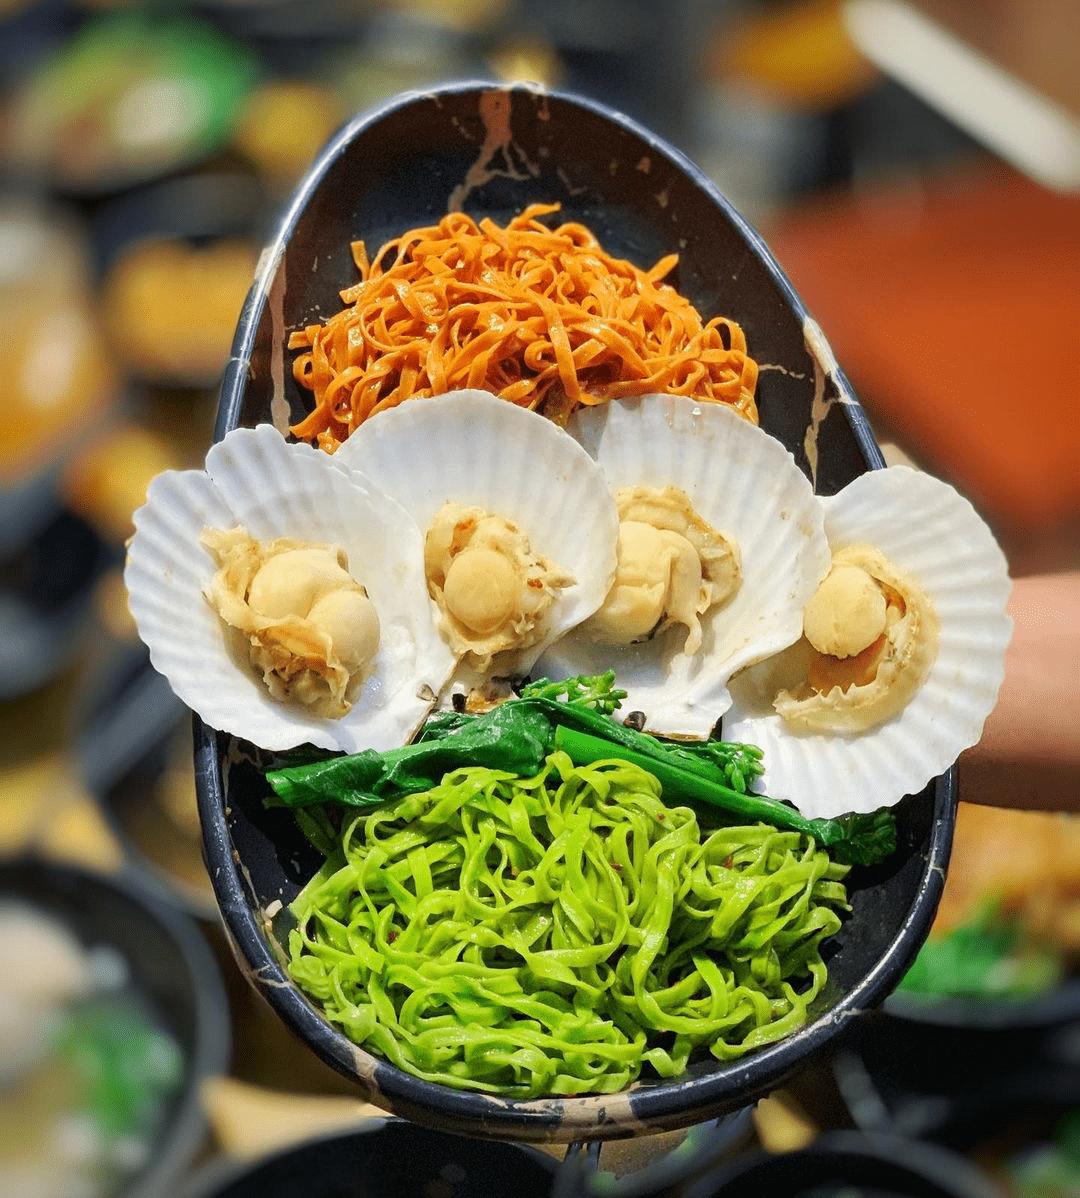 Wong Kee Wanton Noodle Yuan Yang Tomato Spinach